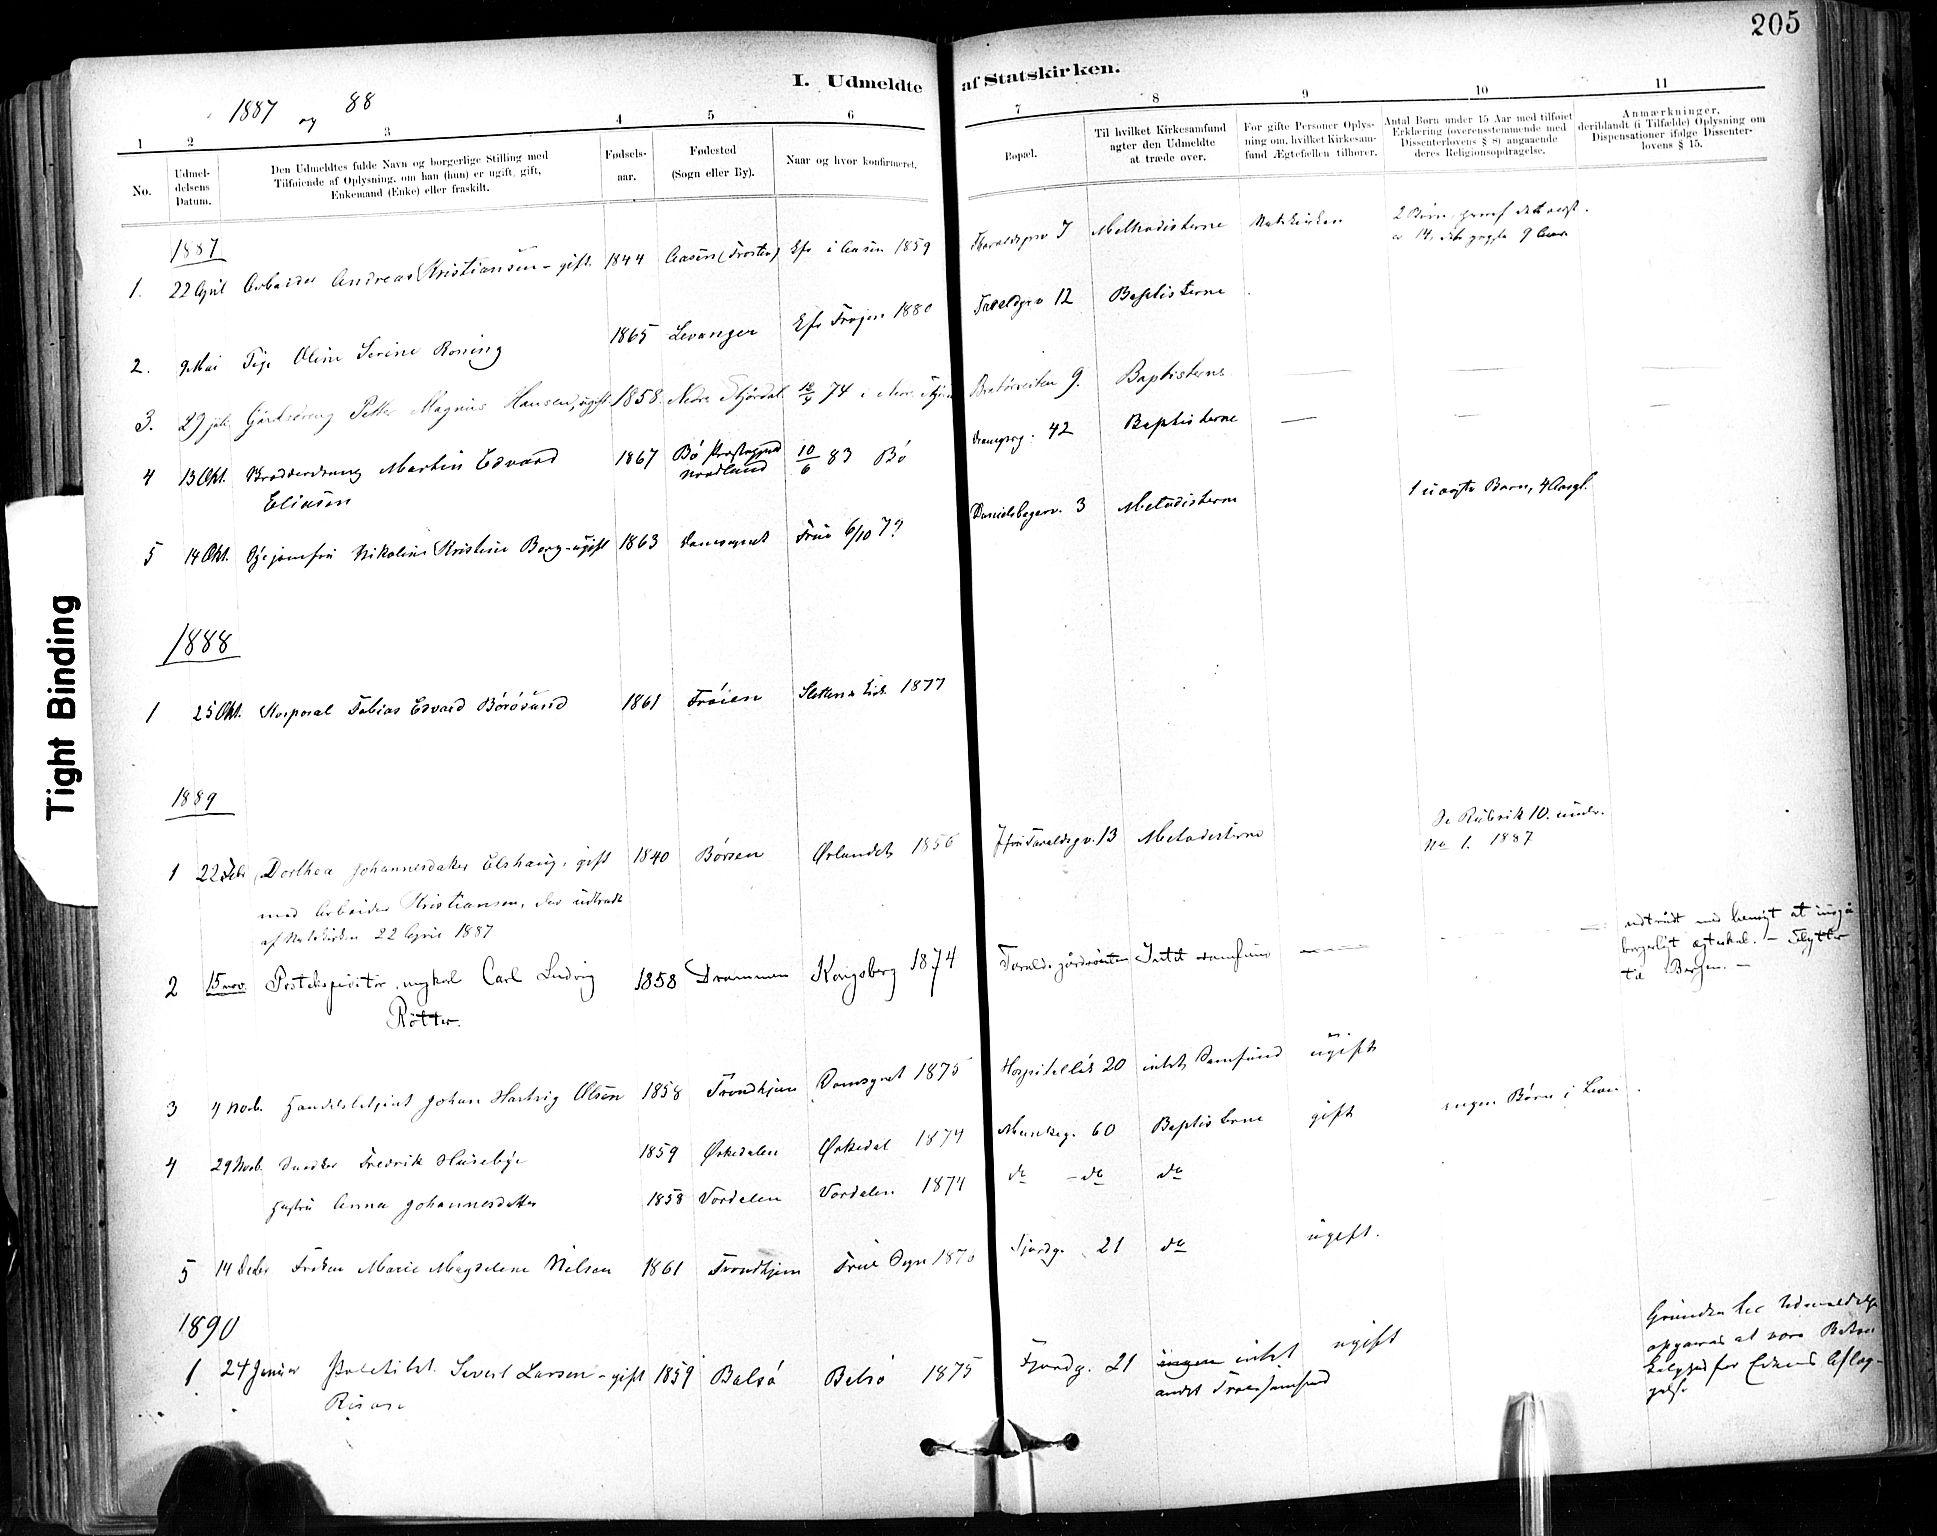 SAT, Ministerialprotokoller, klokkerbøker og fødselsregistre - Sør-Trøndelag, 602/L0120: Ministerialbok nr. 602A18, 1880-1913, s. 205